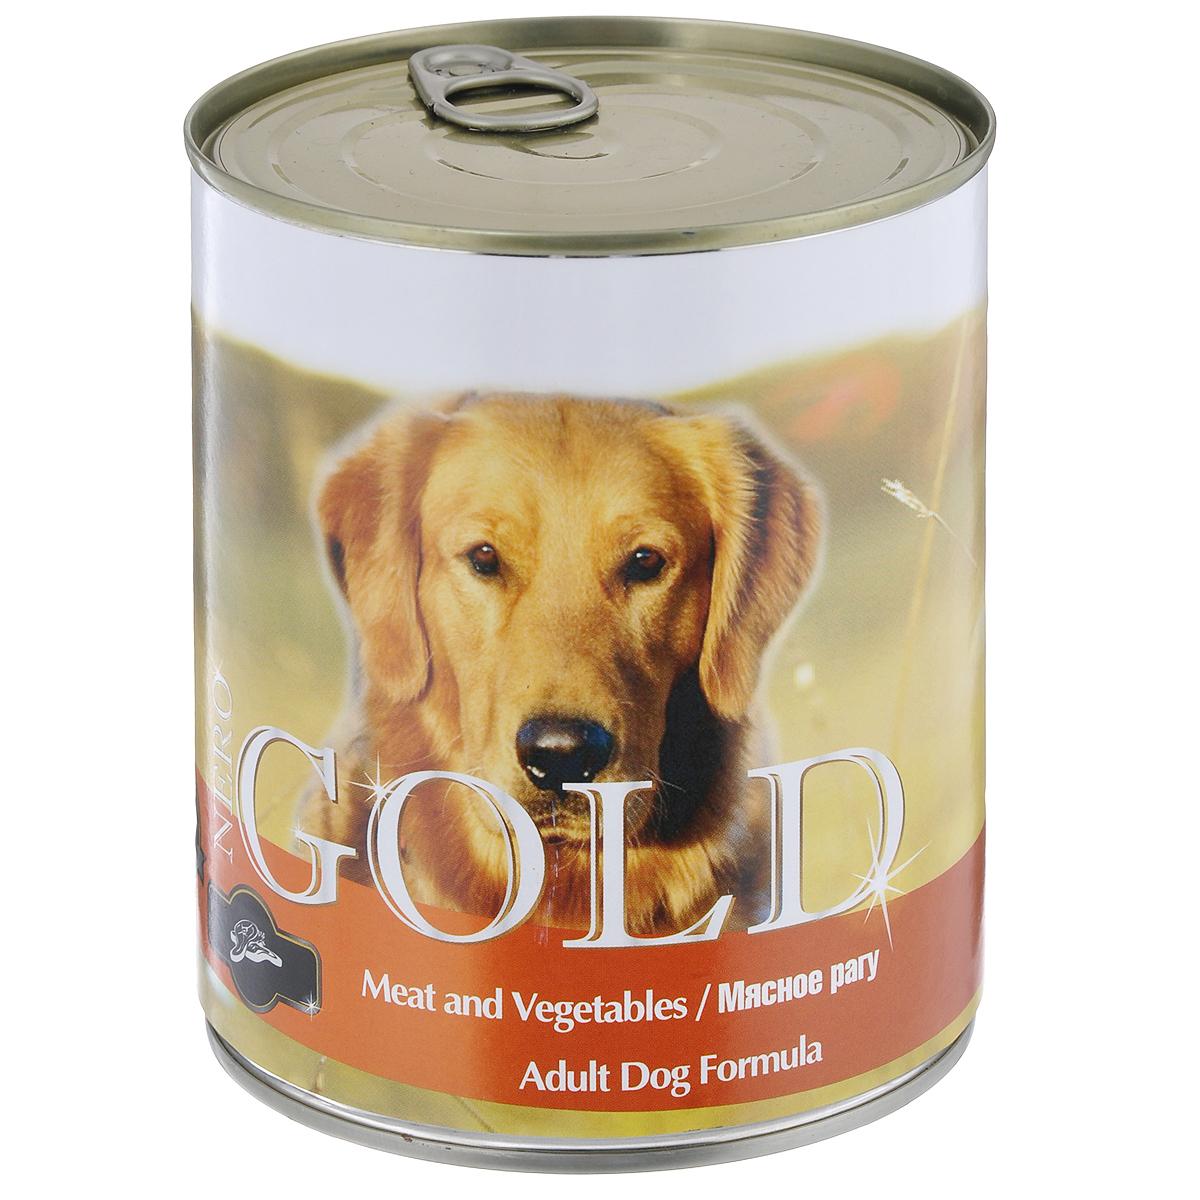 Консервы для собак Nero Gold, мясное рагу, 810 г10315Консервы для собак Nero Gold - полнорационный продукт, содержащий все необходимые витамины и минералы, сбалансированный для поддержания оптимального здоровья вашего питомца! Состав: мясо и его производные, филе курицы, овощи, злаки, витамины и минералы. Гарантированный анализ: белки 6,5%, жиры 4,5%, клетчатка 0,5%, зола 2%, влага 81%. Пищевые добавки на 1 кг продукта: витамин А 1600 МЕ, витамин D 140 МЕ, витамин Е 10 МЕ, железо 24 мг, марганец 6 мг, цинк 15 мг, медь 1 мг, магний 200 мг, йод 0,3 мг, селен 0,2 мг. Вес: 810 г. Товар сертифицирован.